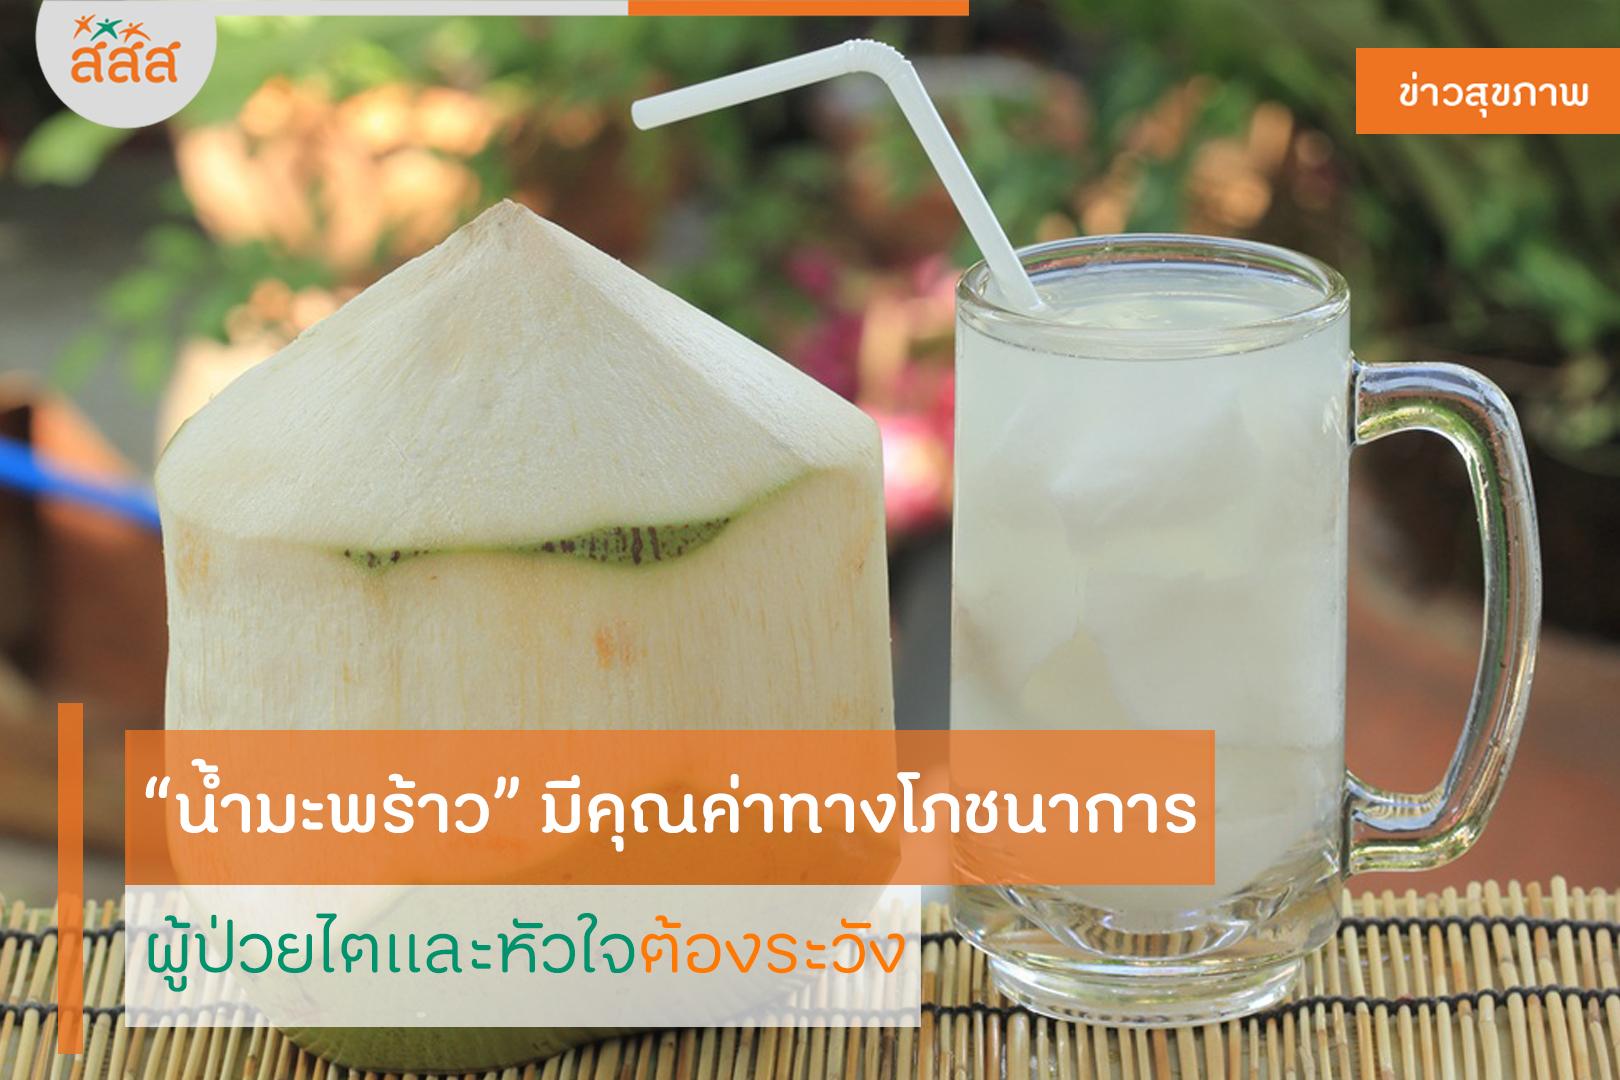 น้ำมะพร้าวมีคุณค่าทางโภชนาการ ผู้ป่วยไตและหัวใจต้องระวัง thaihealth